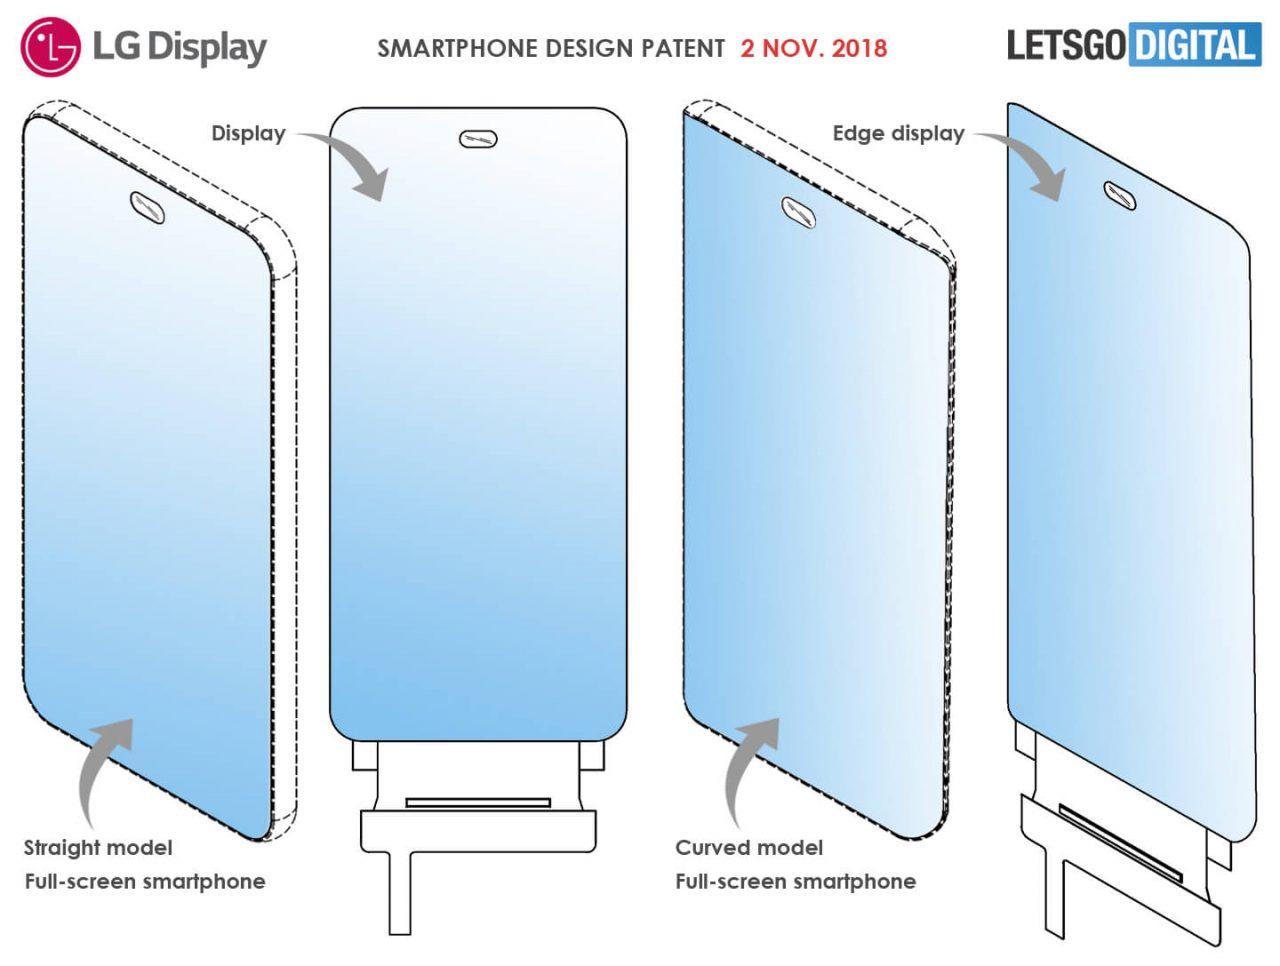 LGизменит дизайн собственных будущих телефонов